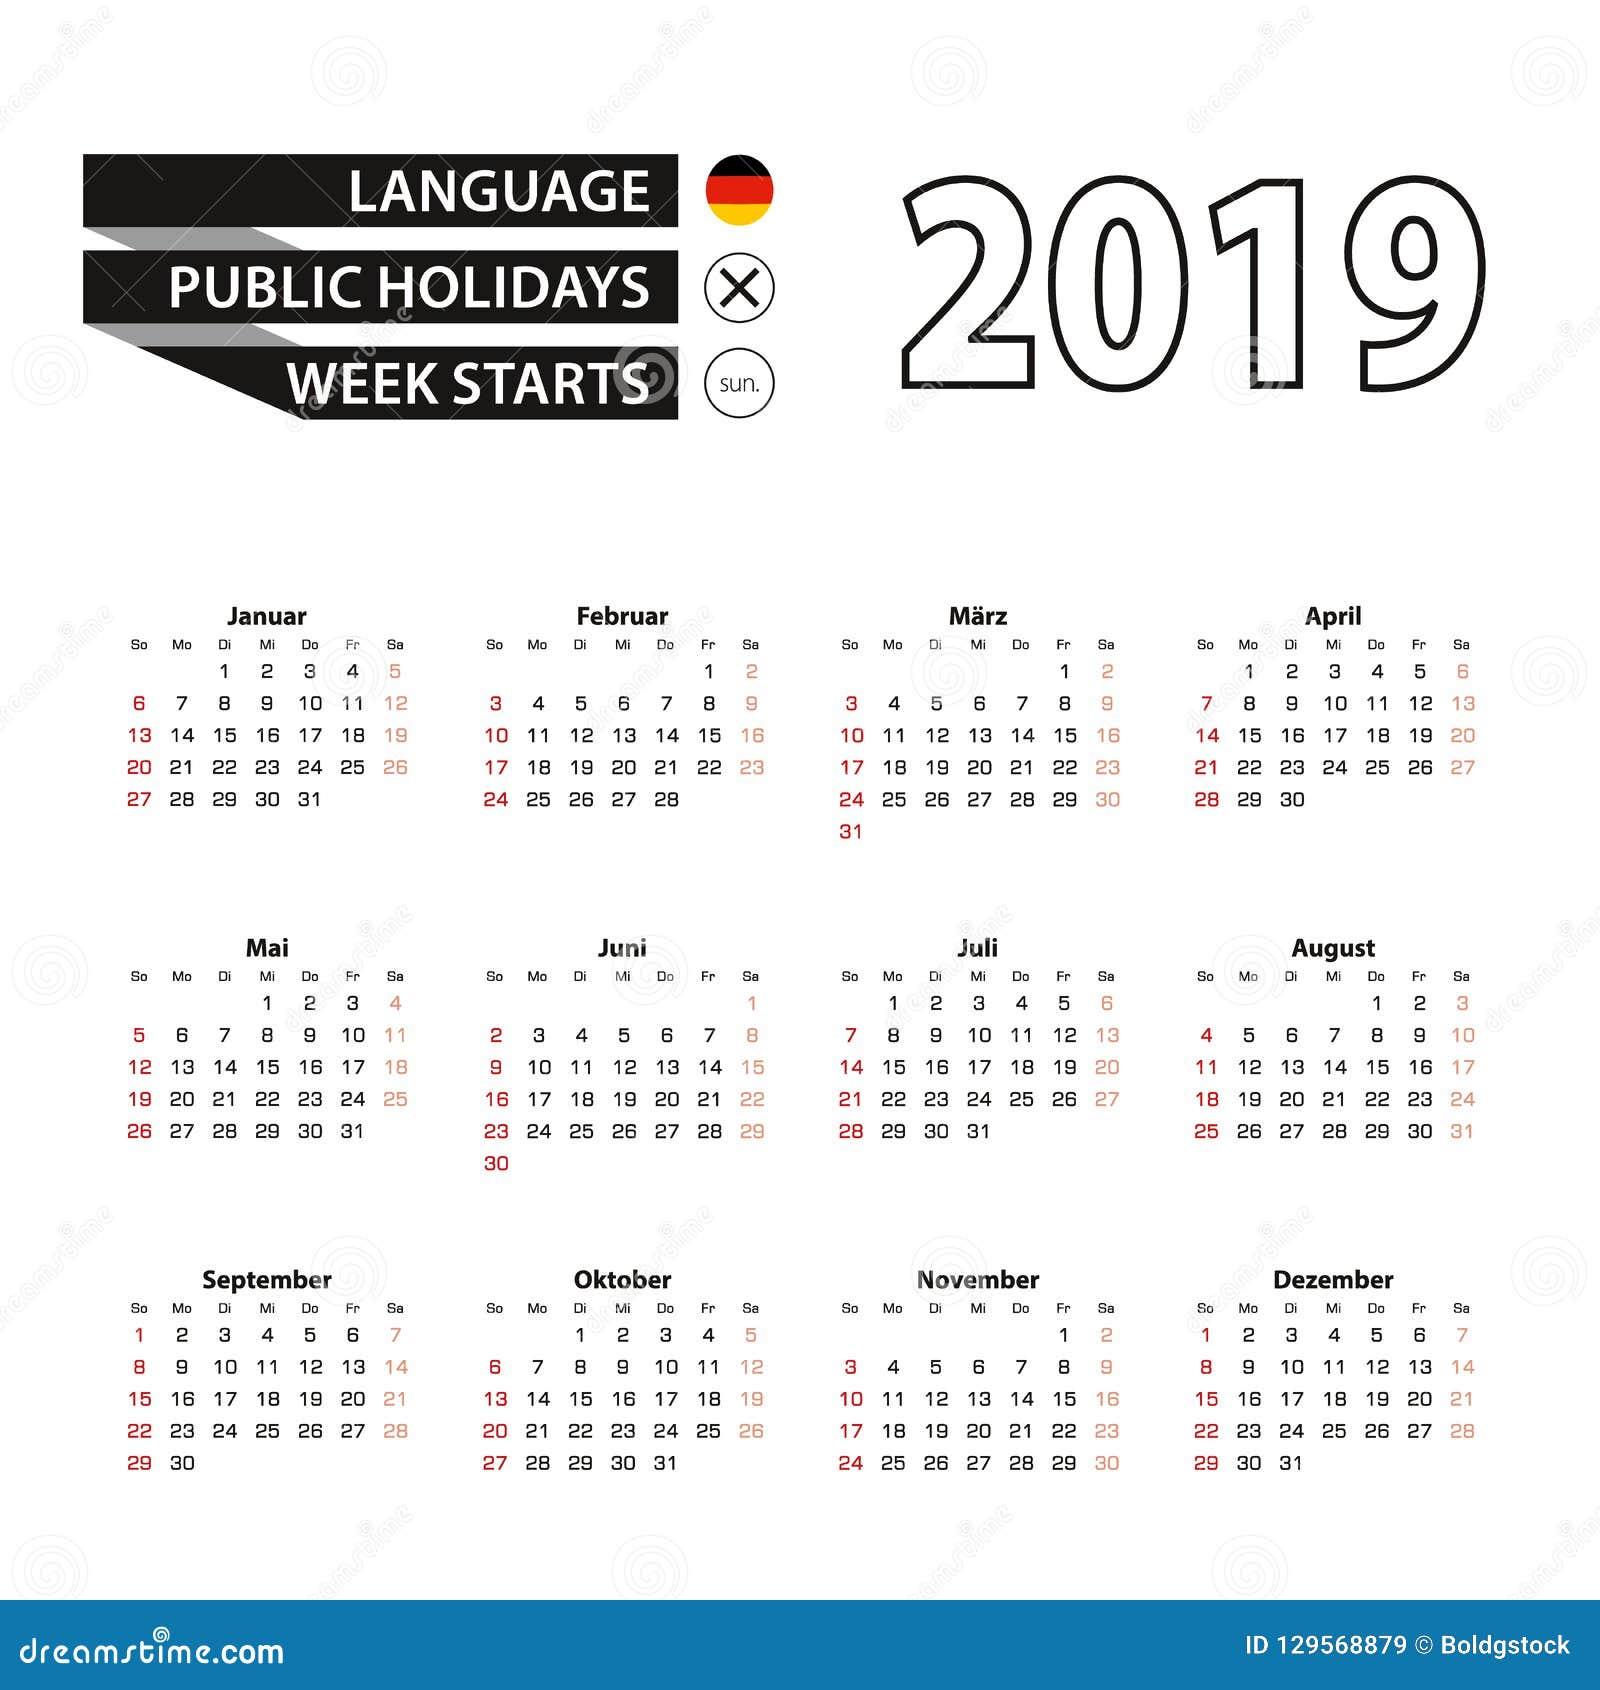 Calendario Numero Settimana 2019.Calendario 2019 Nella Lingua Tedesca Inizio Di Settimana A